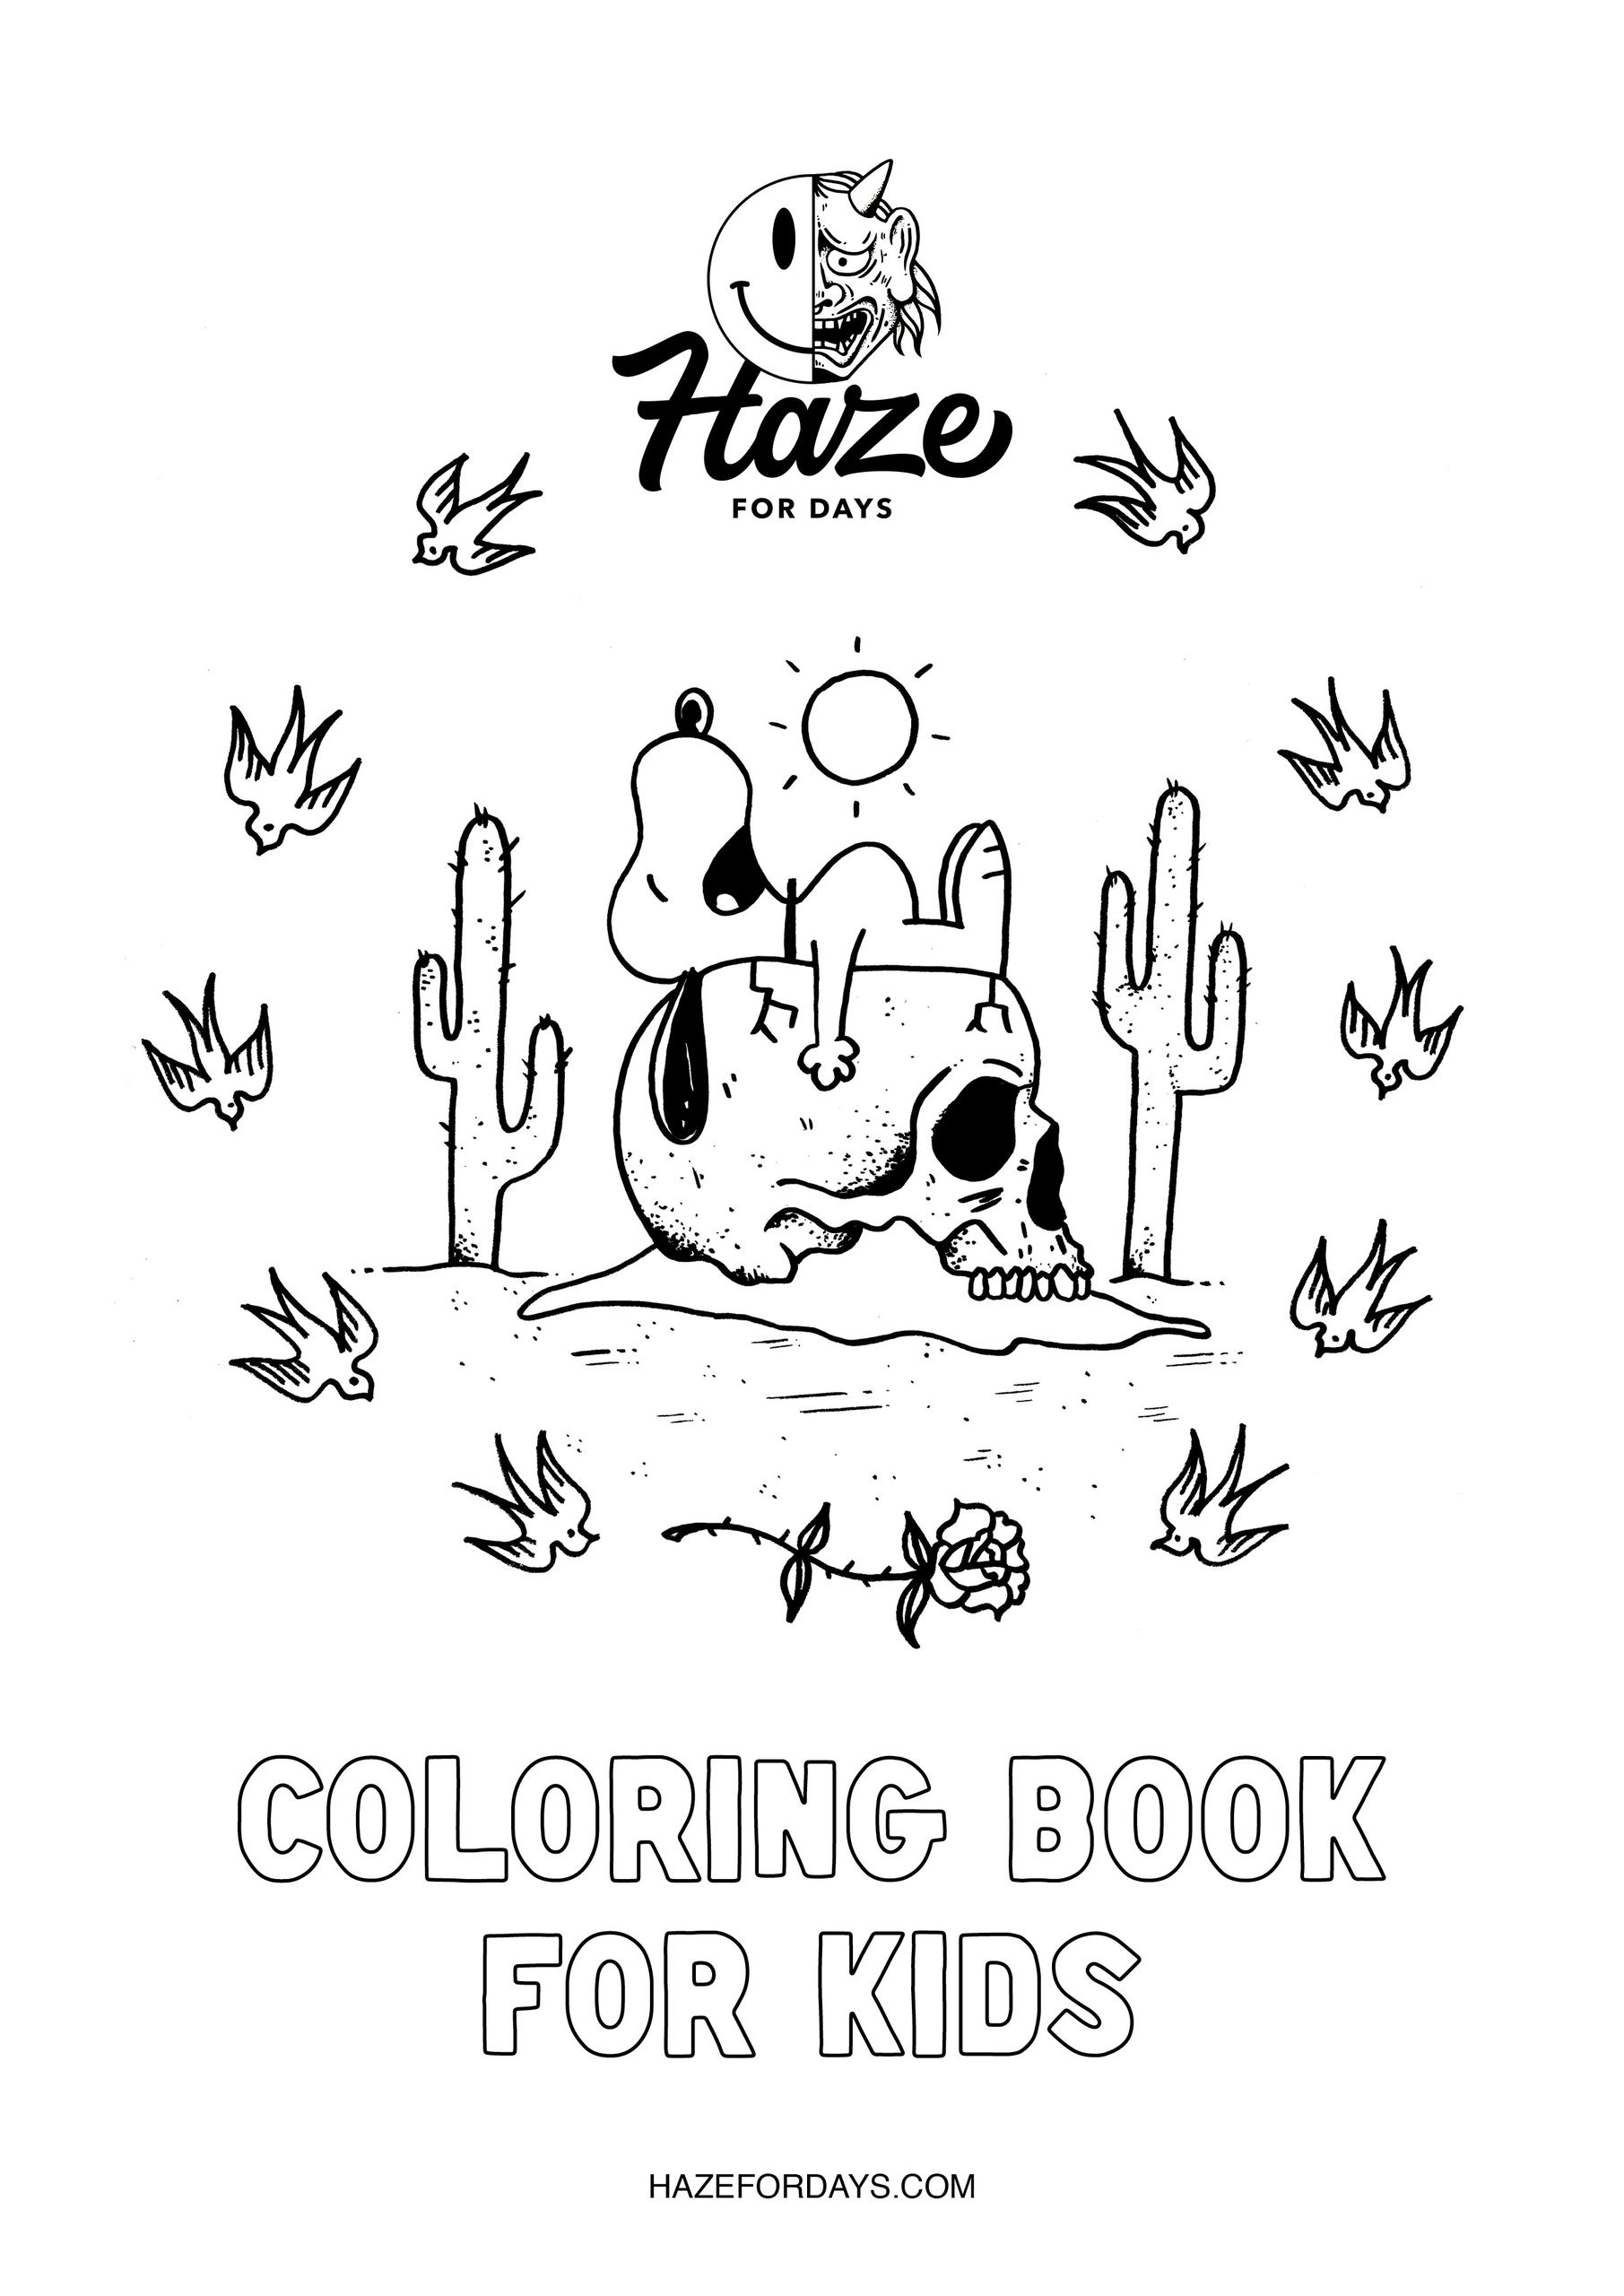 coloring book kids busy lockdow - roccomalatesta   ello